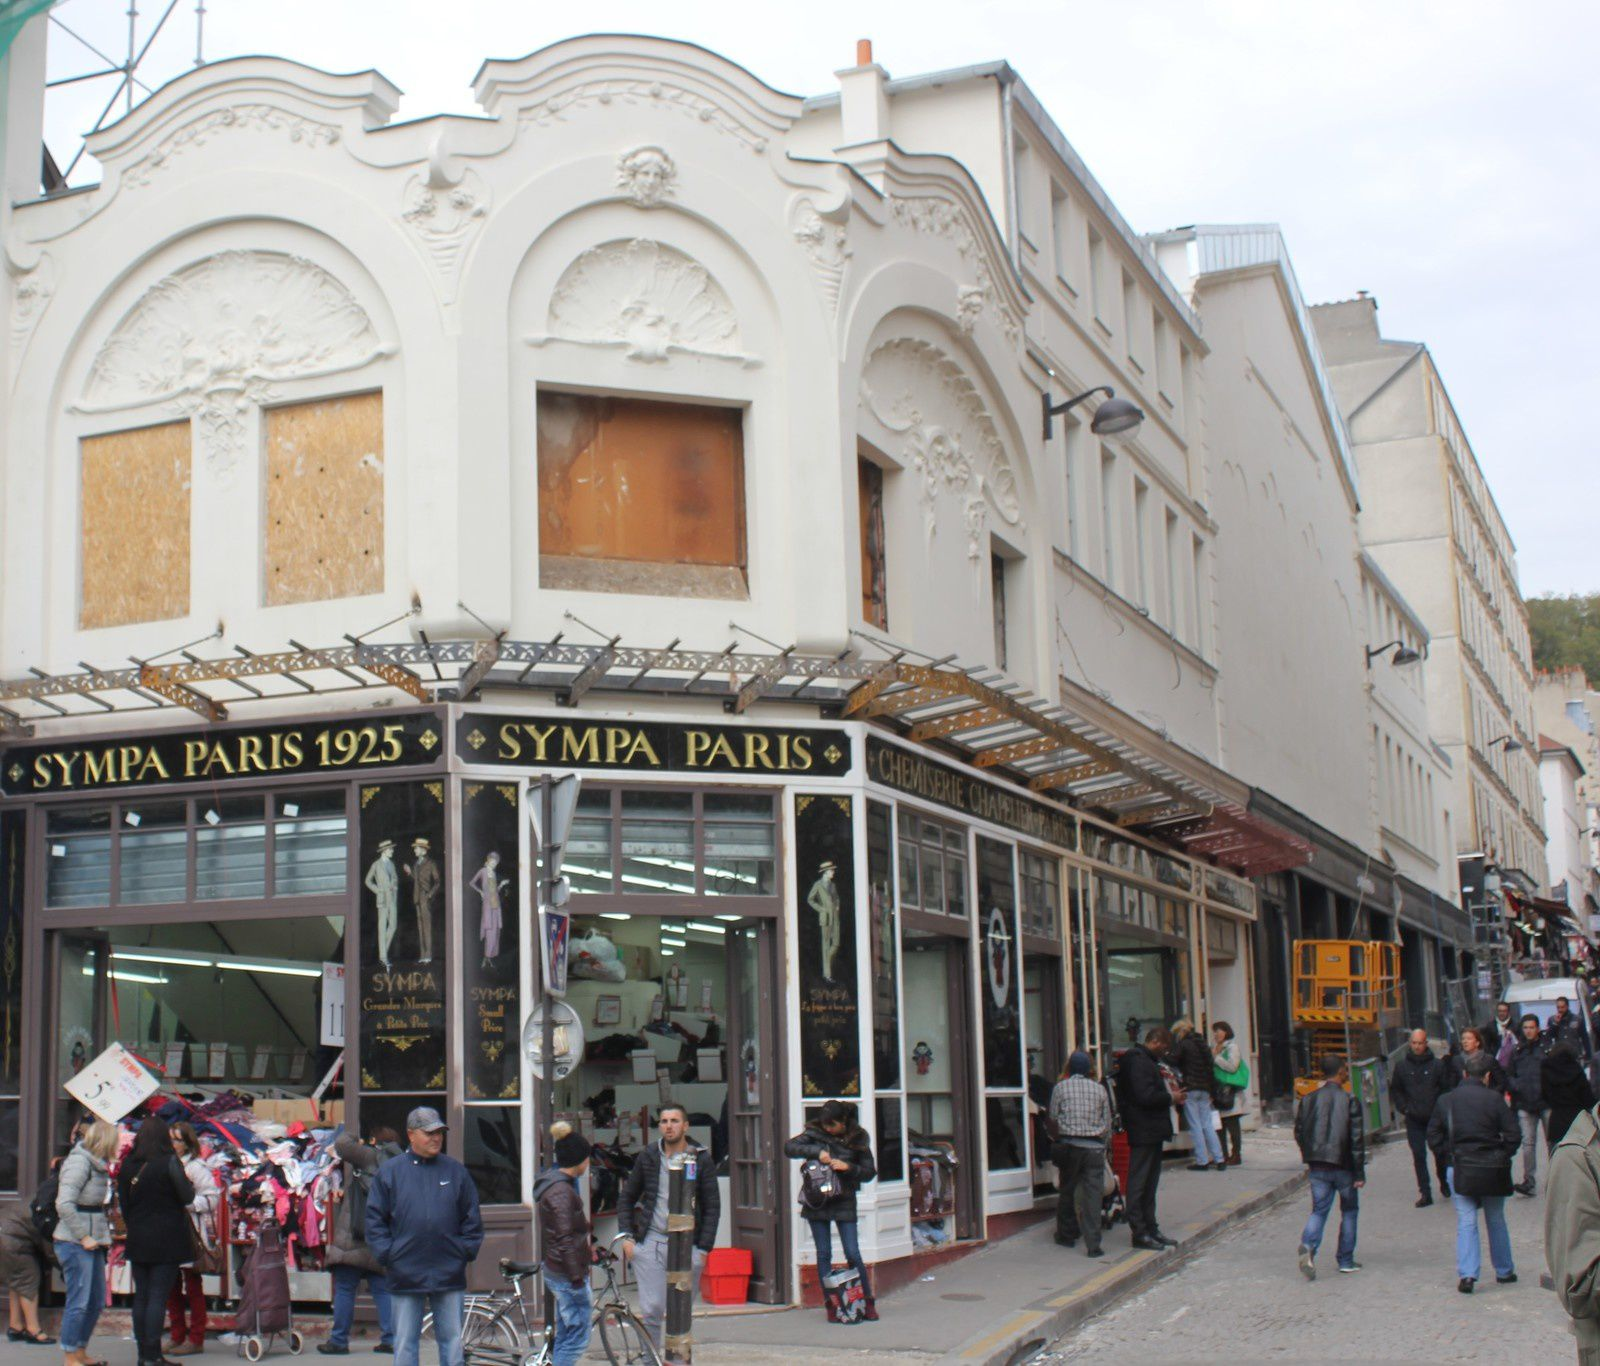 La réhabilitation de la fgriperie avec vitrine 1900! en octobre 2015